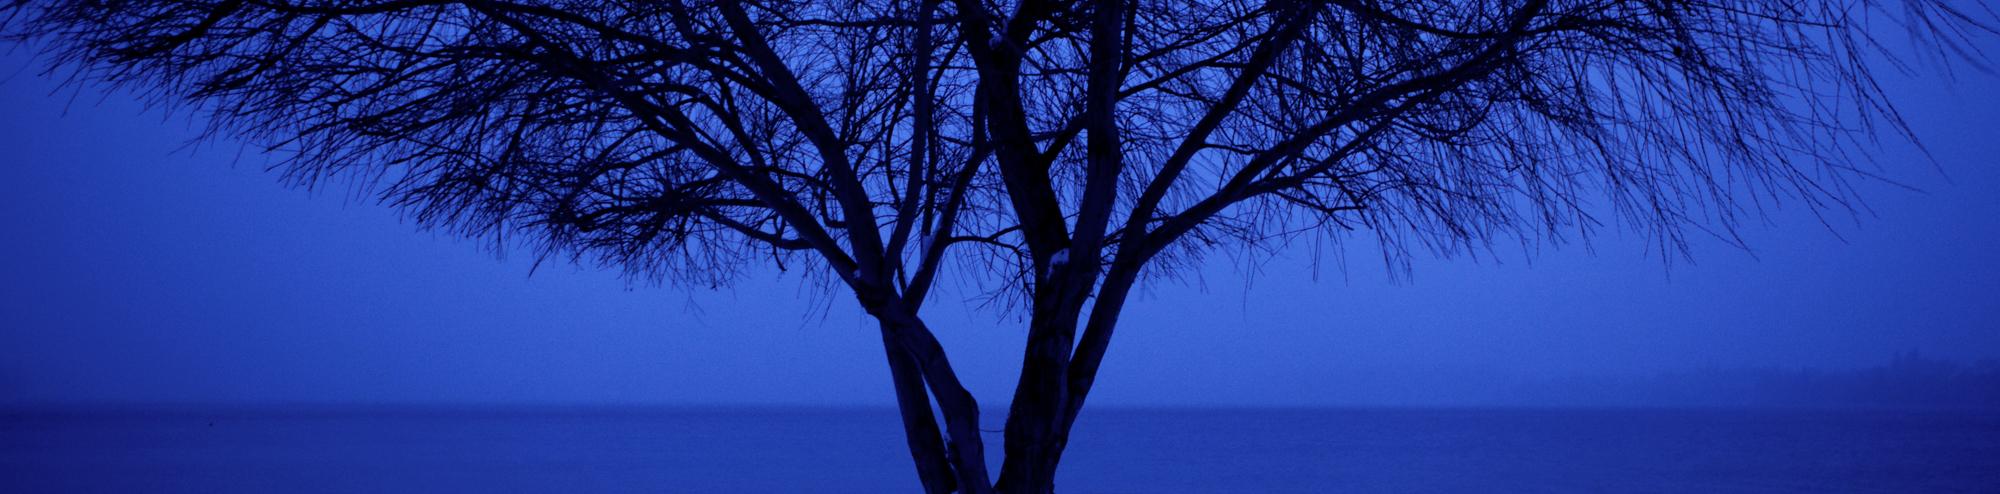 Soul Places Panos_00021.jpg